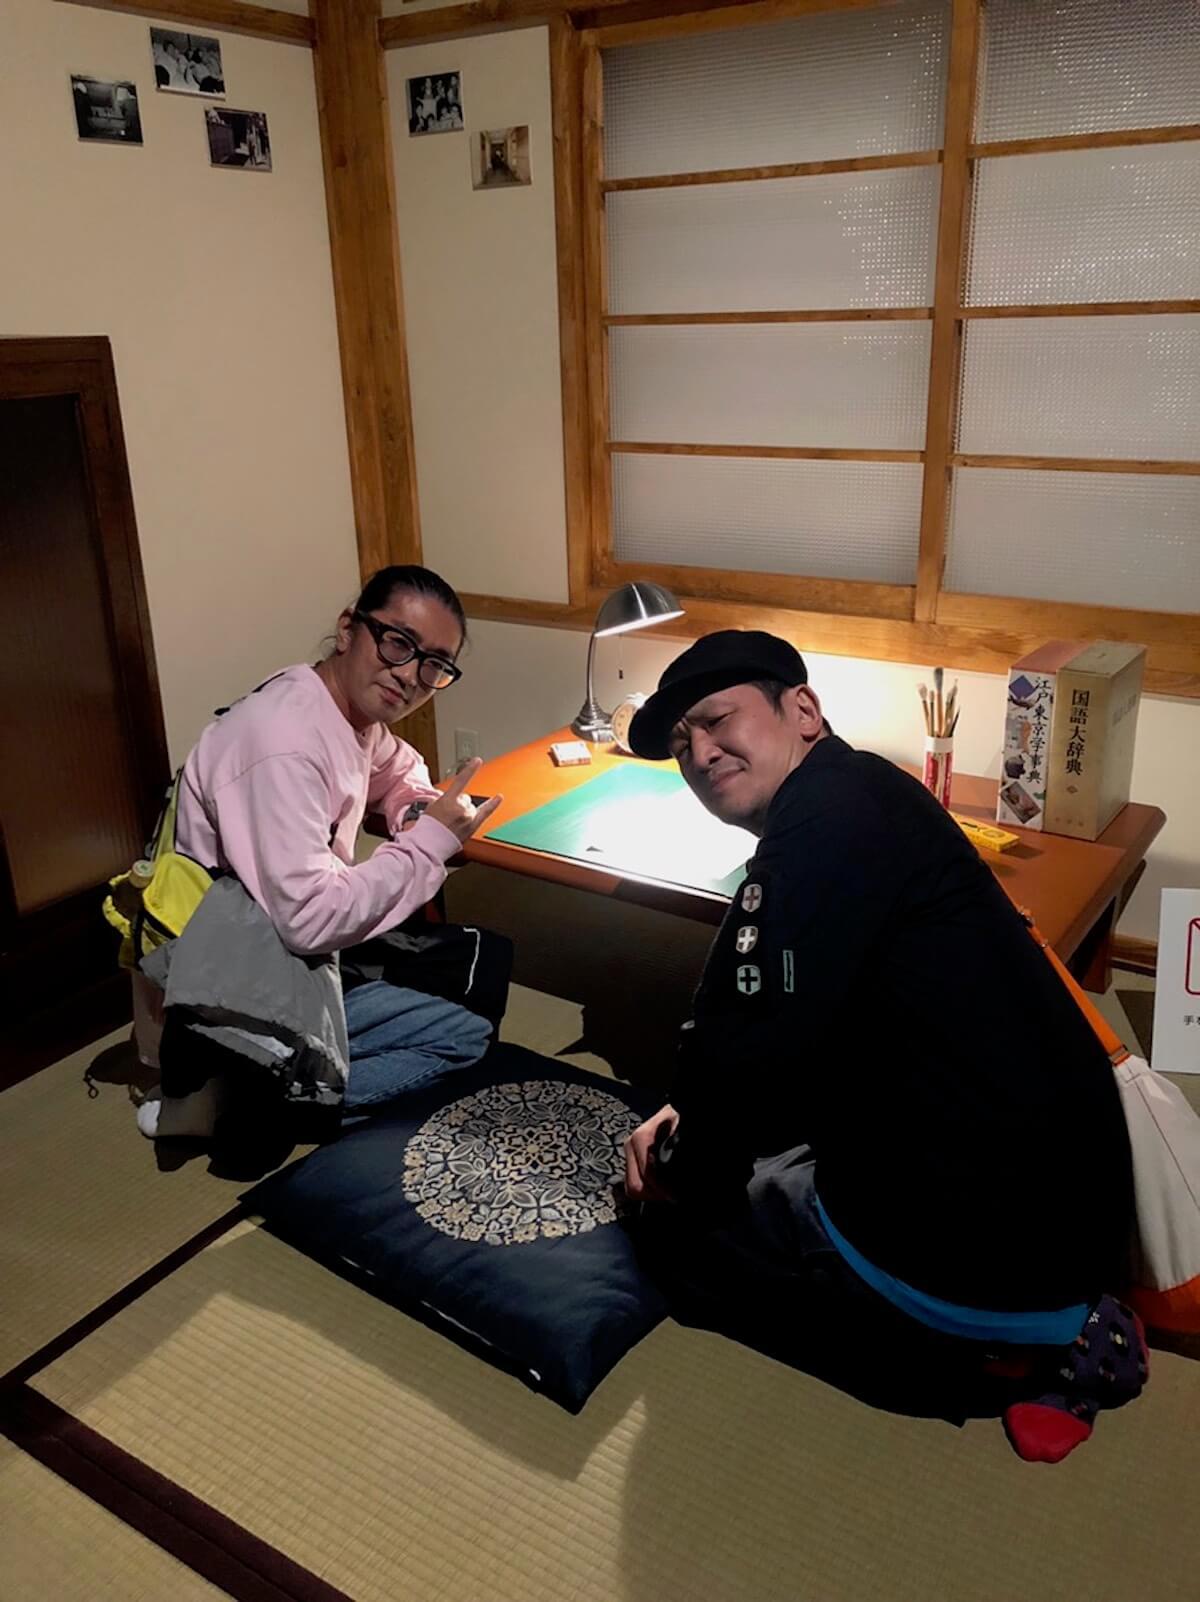 スチャダラANI & セク山 Presents 「談話室044 年末特大号2018」